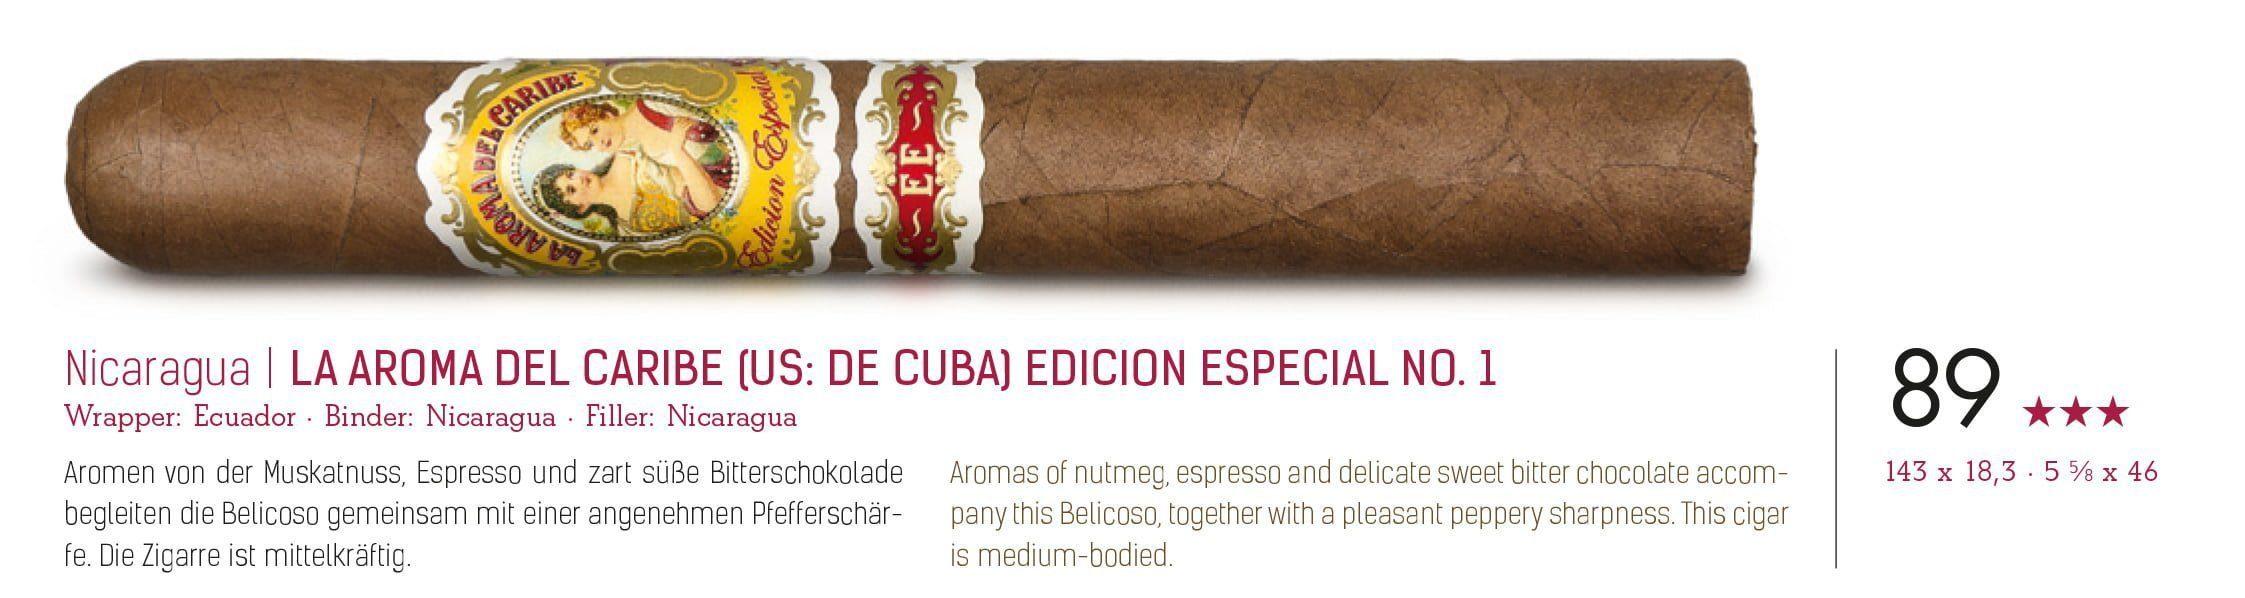 La Aroma del Caribe E.E. No.1